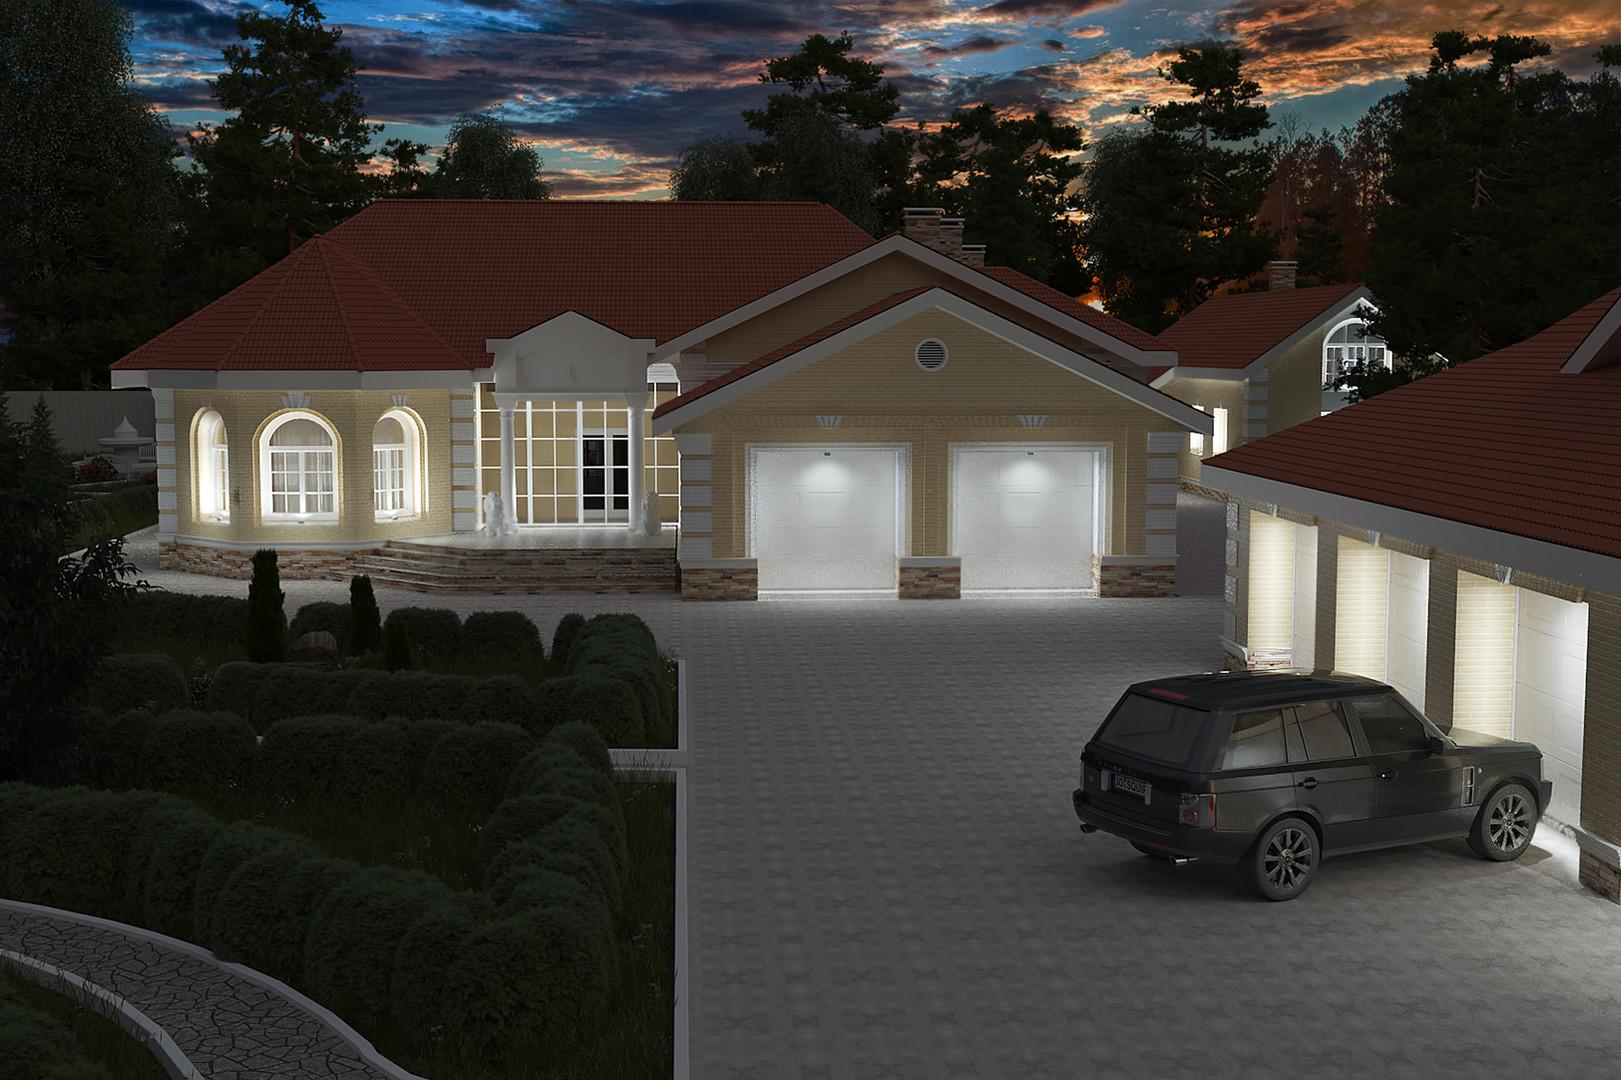 Светодиодные светильники уличного освещения CERTUS Lighting Такое освещение способно не только помочь человеку сориентироваться в темноте и отыскать нужное здание, но и выгодно подчеркнуть интересные дизайнерские решения и архитектуру объекта